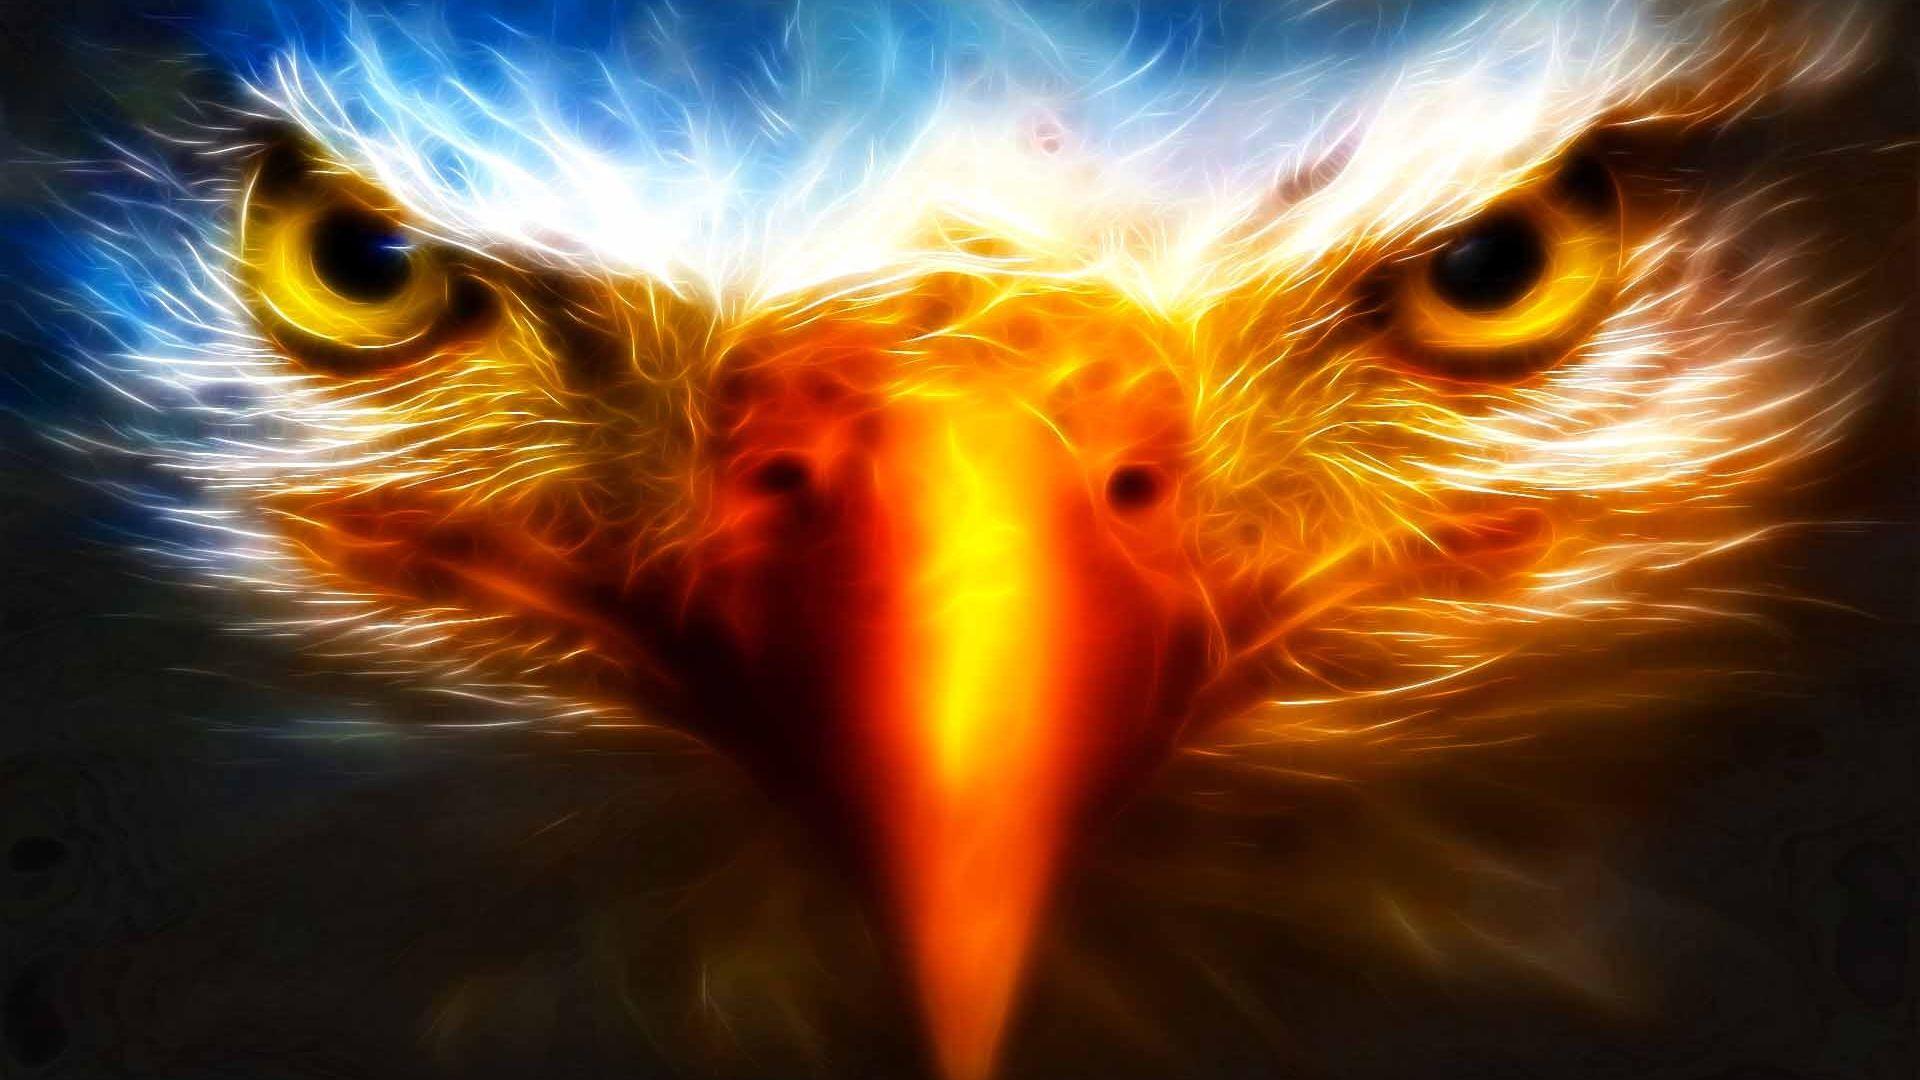 Hd wallpaper eagle - Top 25 Best Eagle Wallpaper Ideas On Pinterest Eagle American Eagle Flights And Bald Eagle